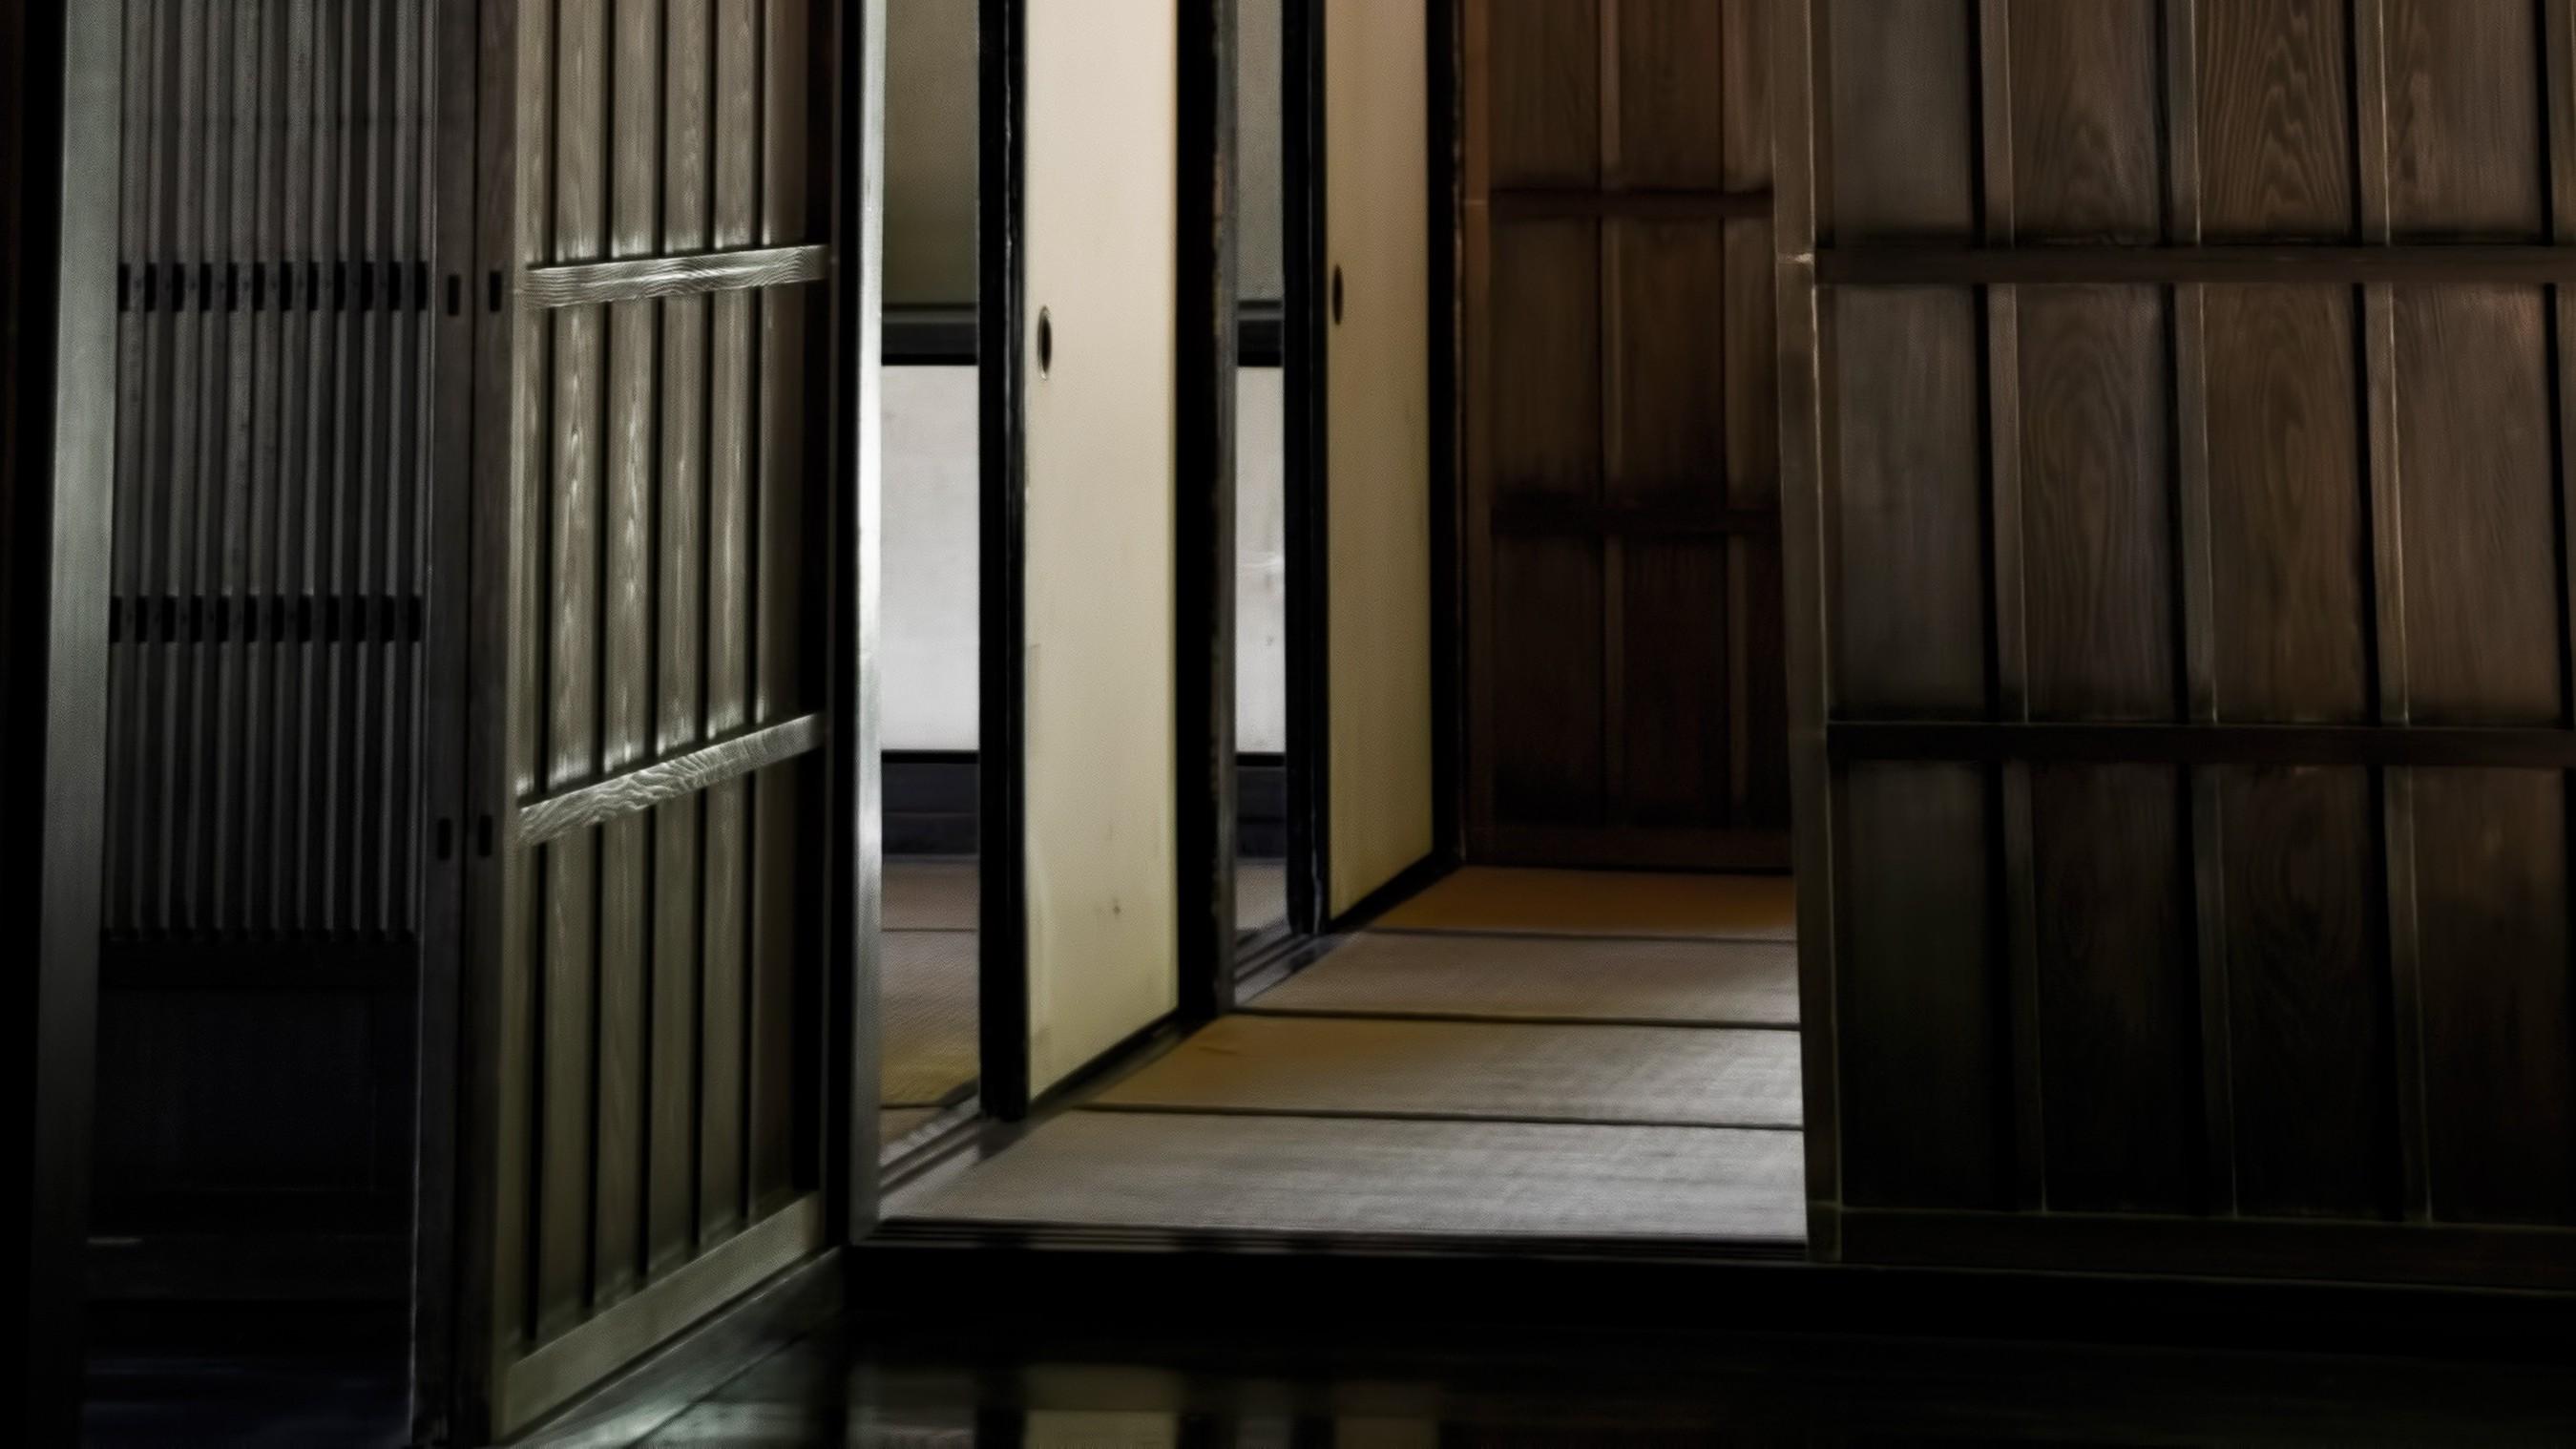 ▲榻榻米,老房子。(圖/取自免費圖庫Pakutaso)